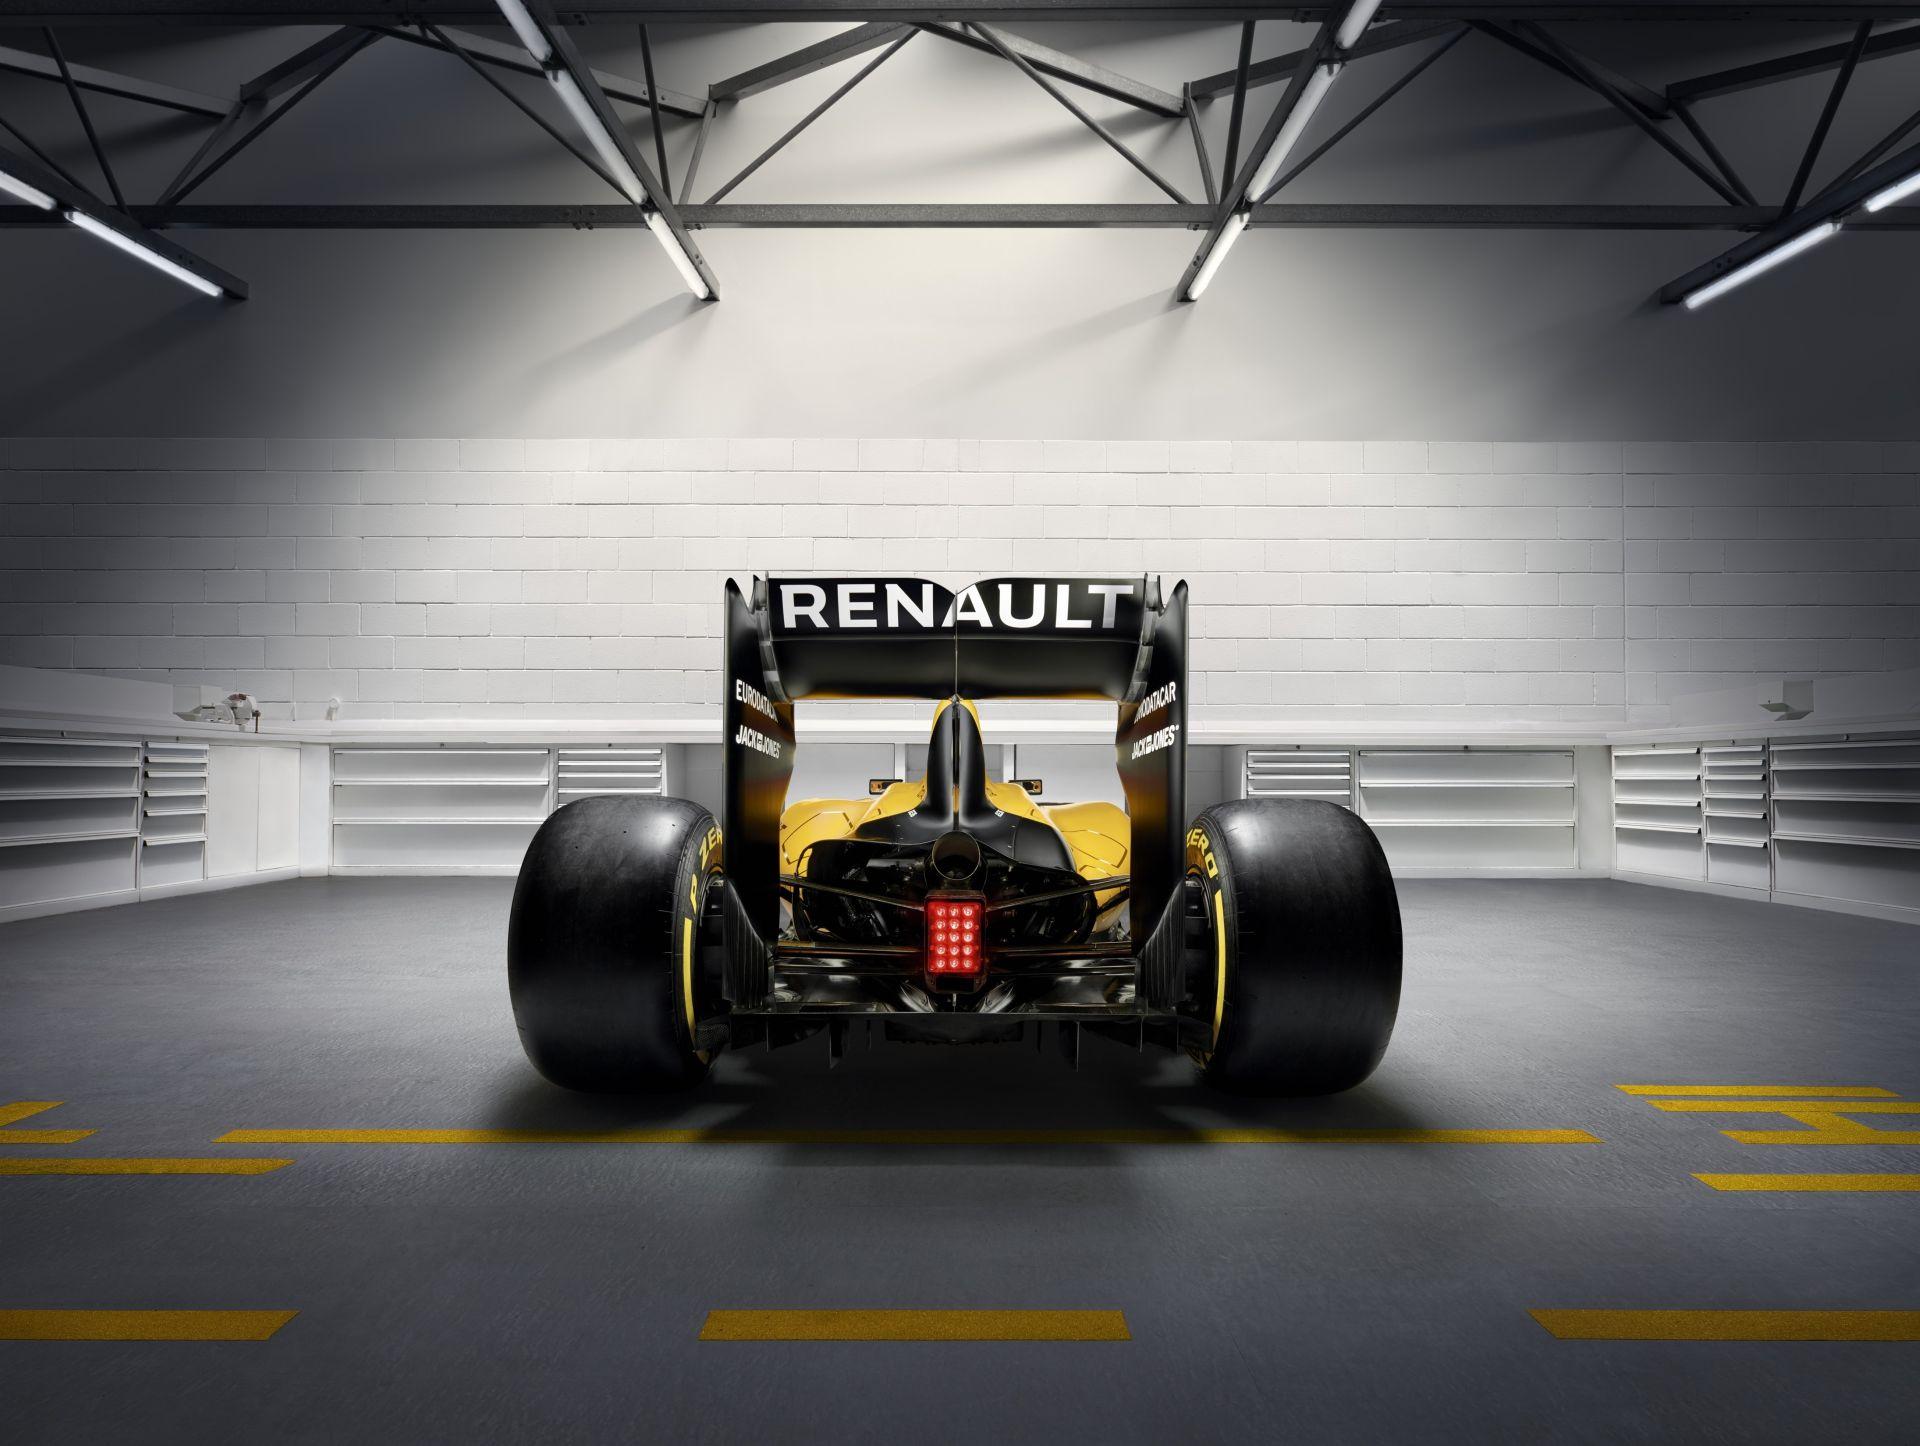 Az első F1-autó, mely szörfözött: villanyfényes futamon ragyogni fog az RS16